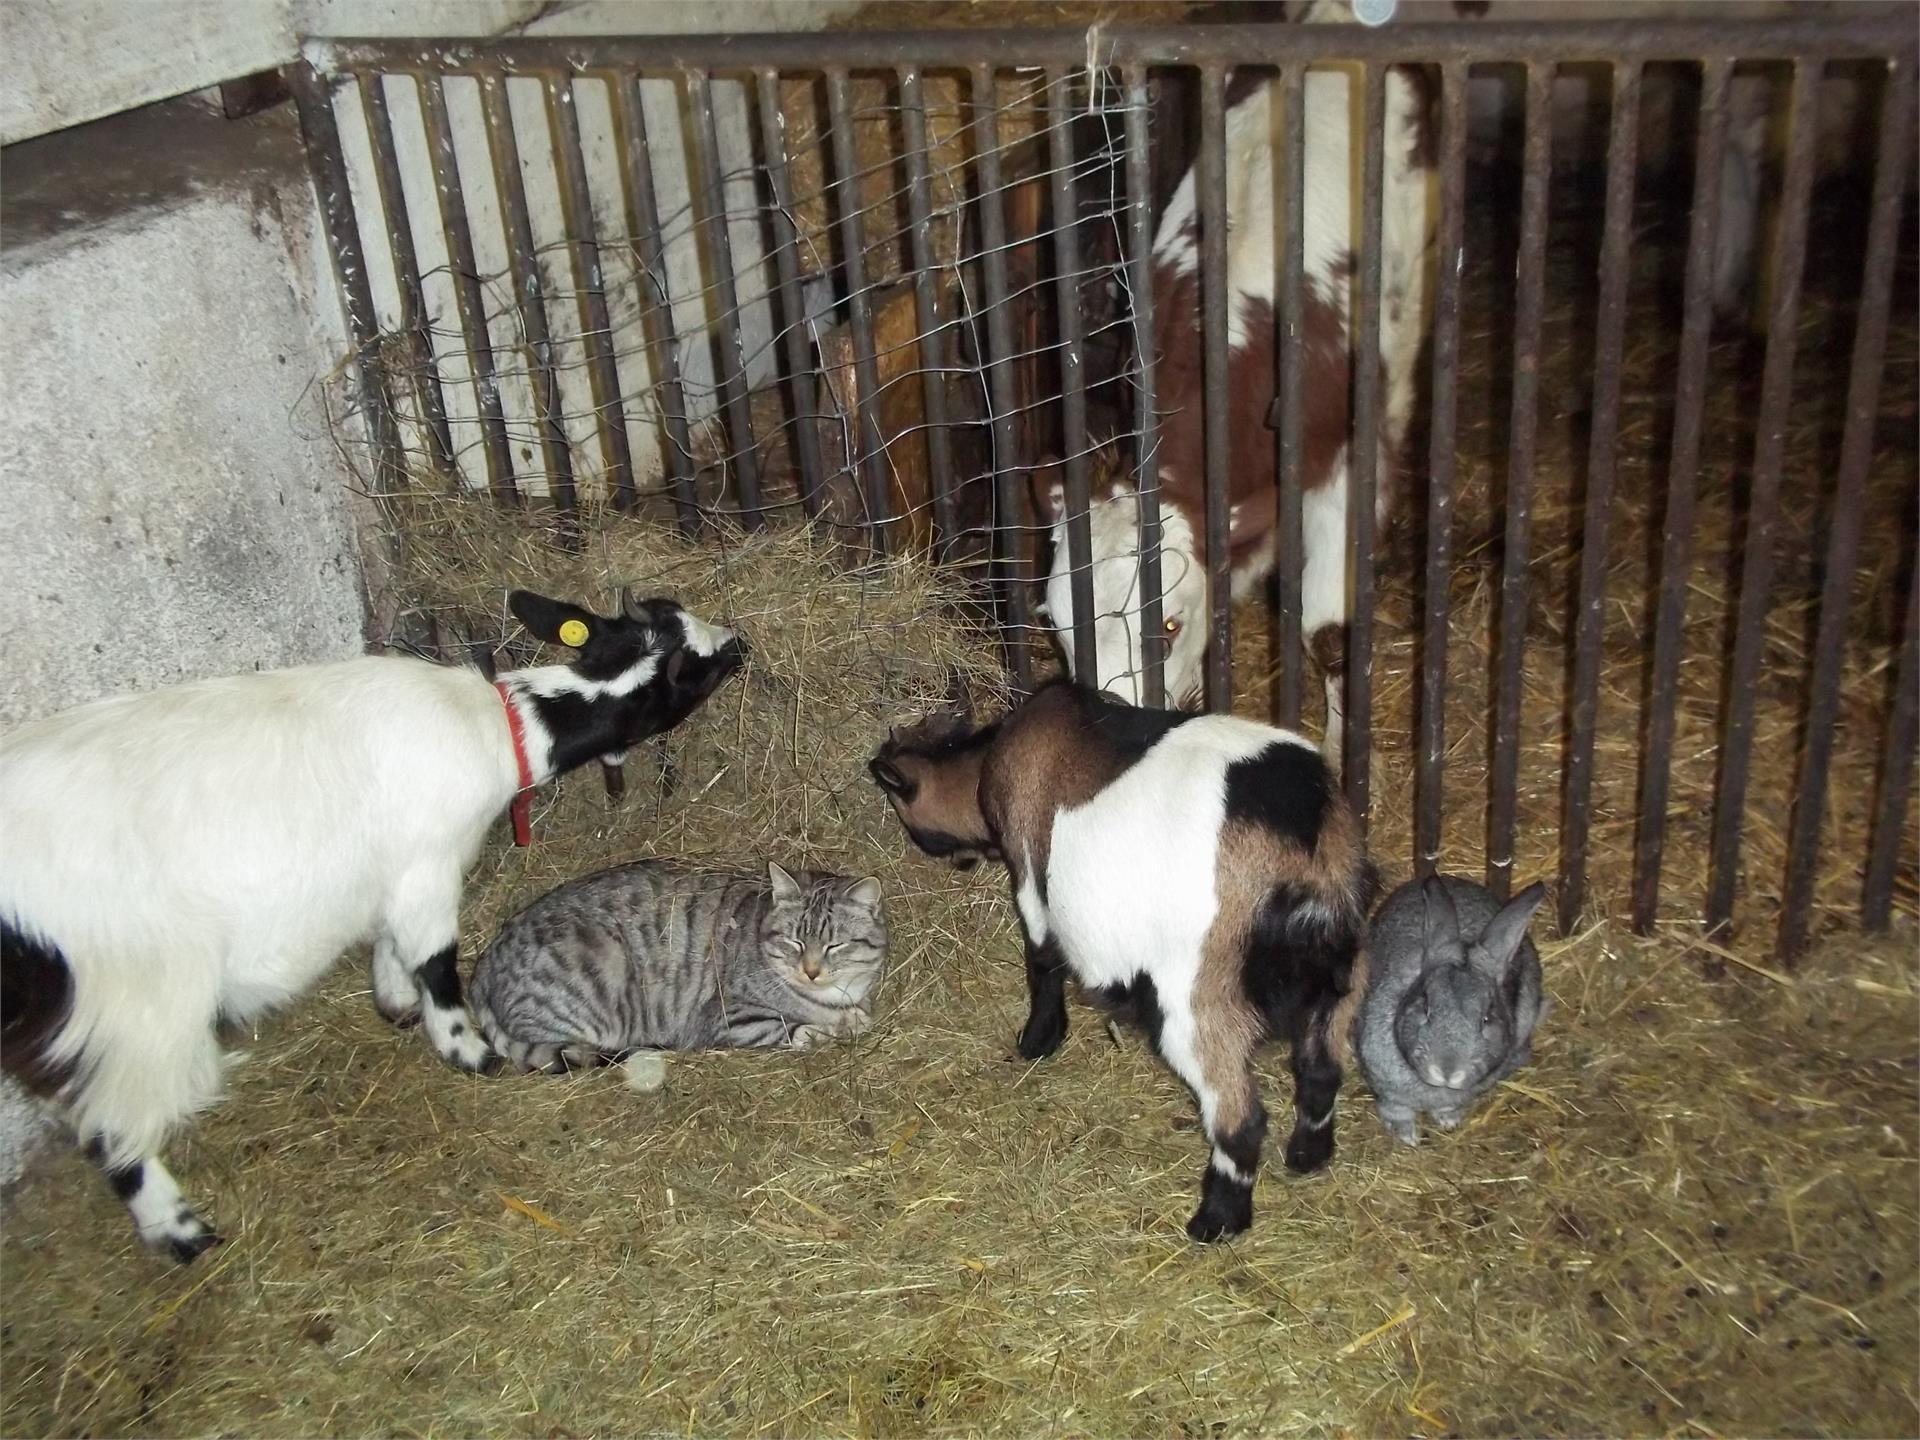 Unsere Tiere im Stall